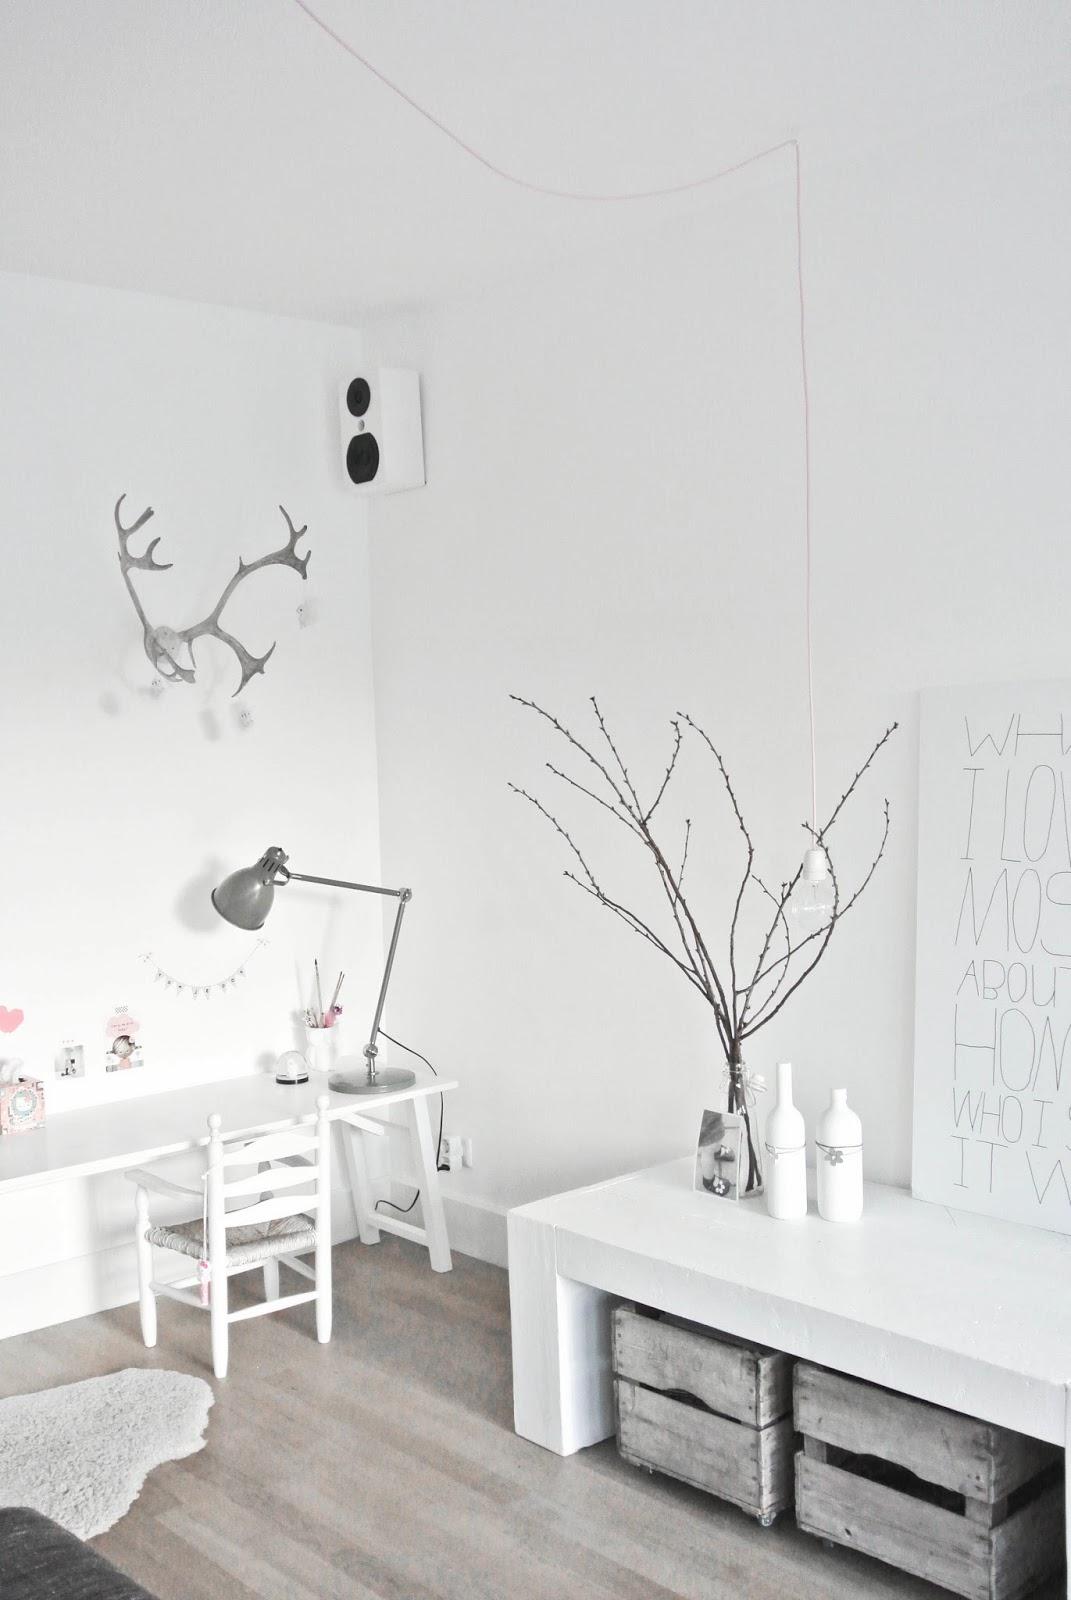 Woonkamer lamp idee ~ artikill.com